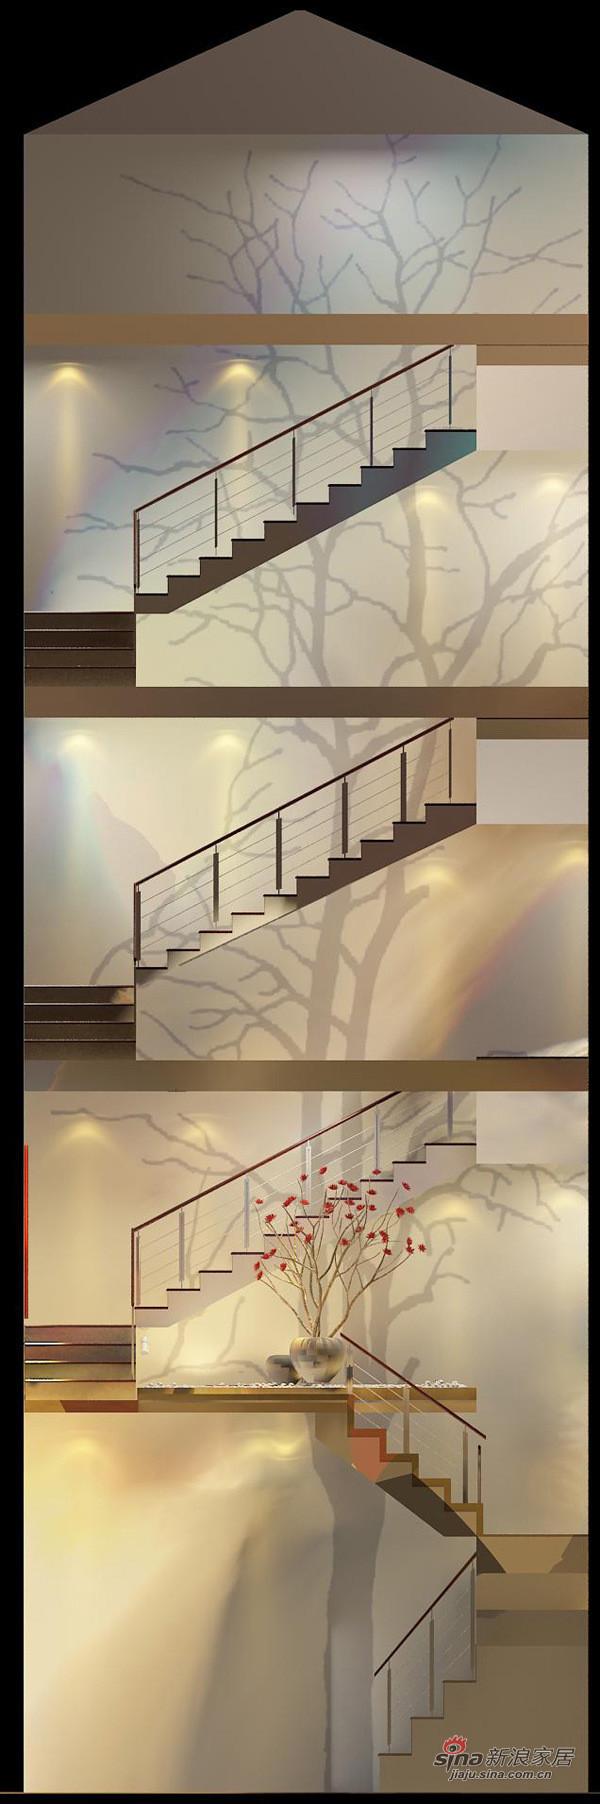 楼梯间墙画示意图